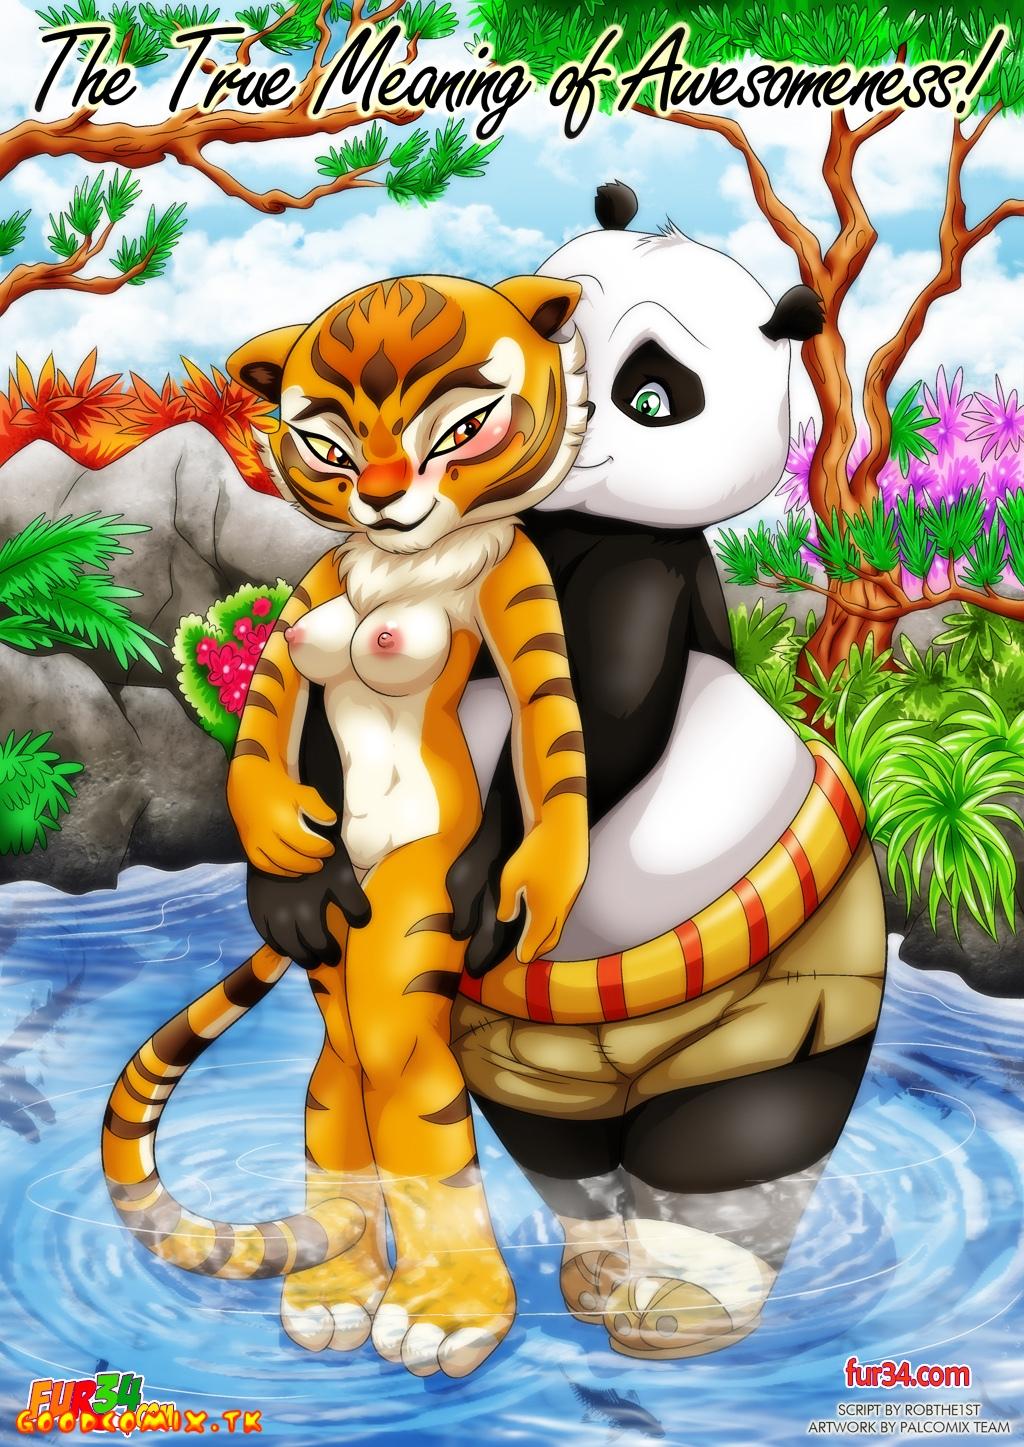 Goodcomix Kung Fu Panda - [Palcomix][Fur34] - The True Meaning of Awesomeness!